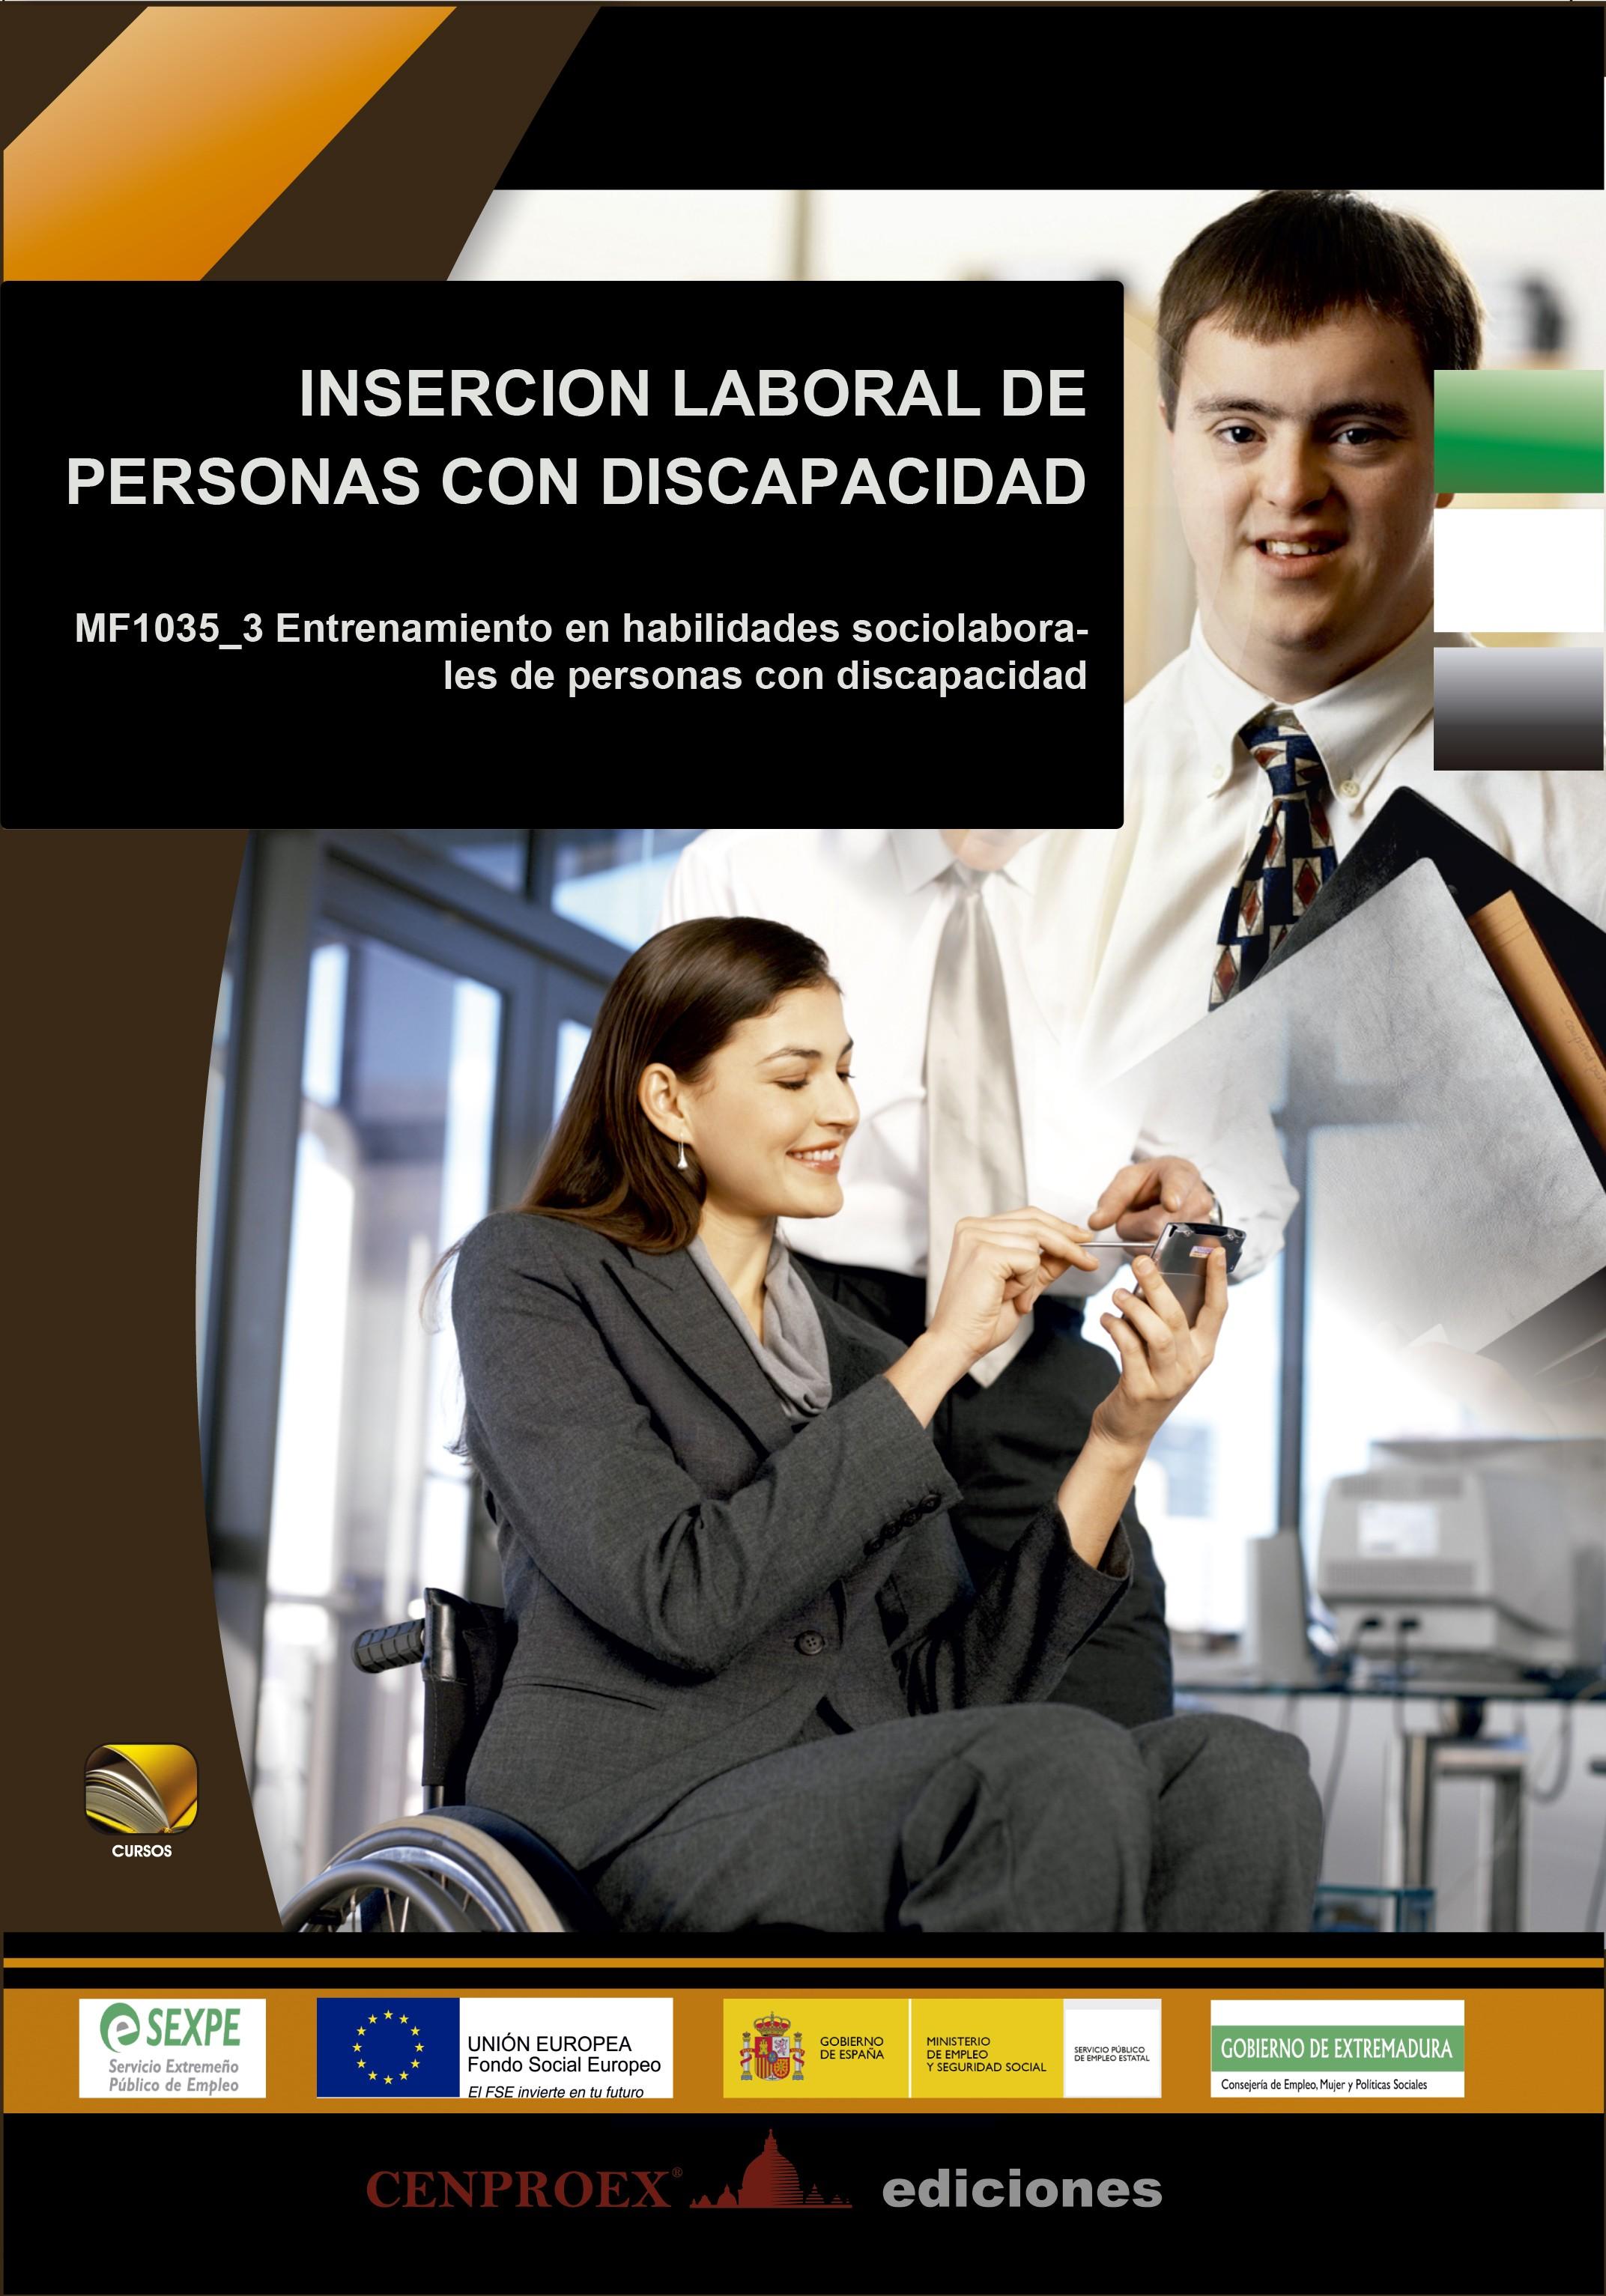 123. Inserción Laboral de personas con discapacidad